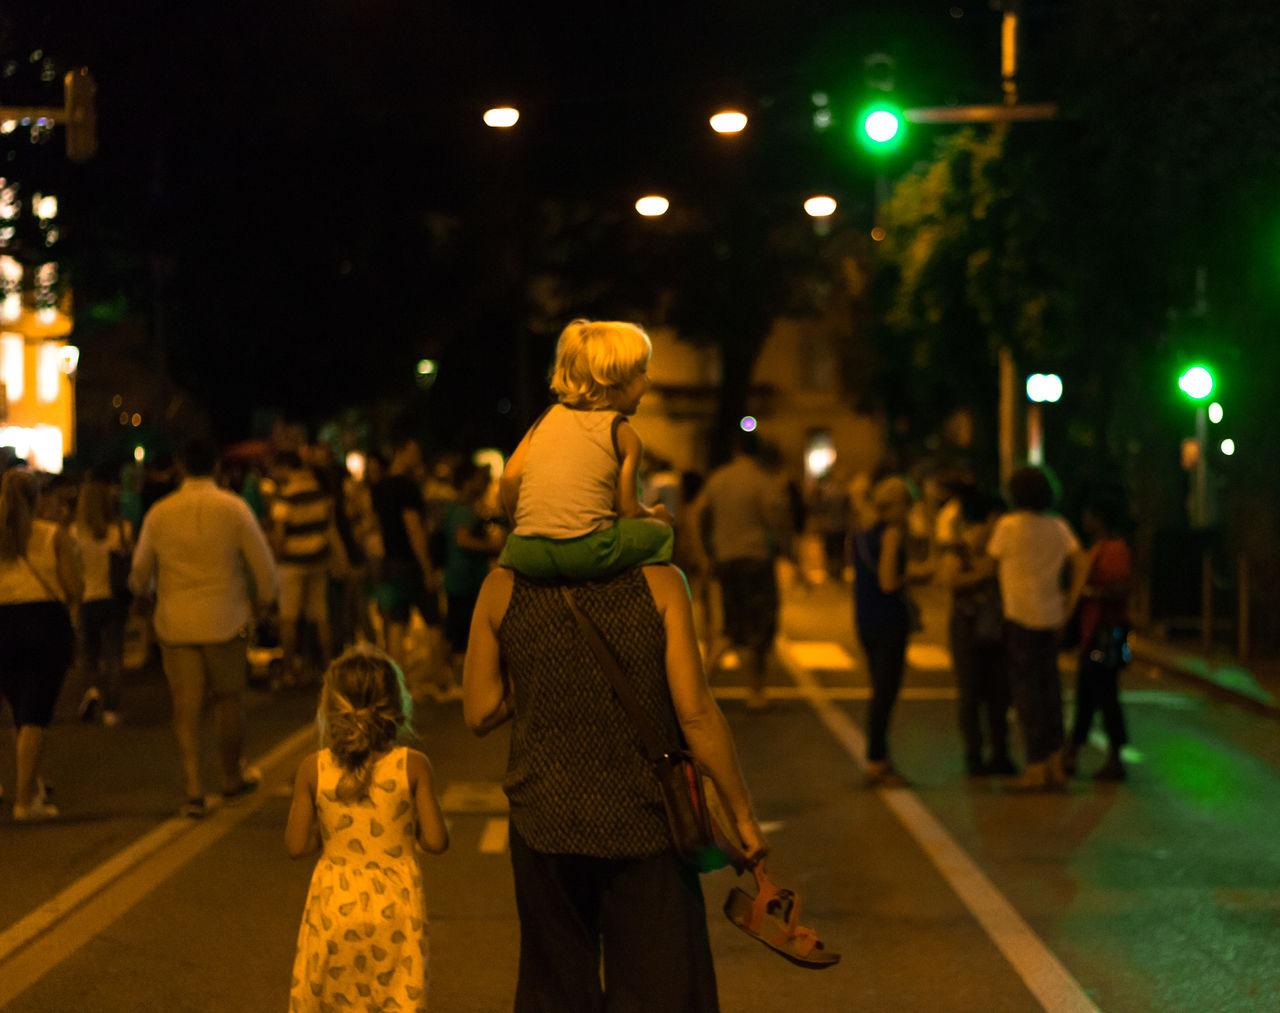 CROWD WALKING ON STREET AT NIGHT